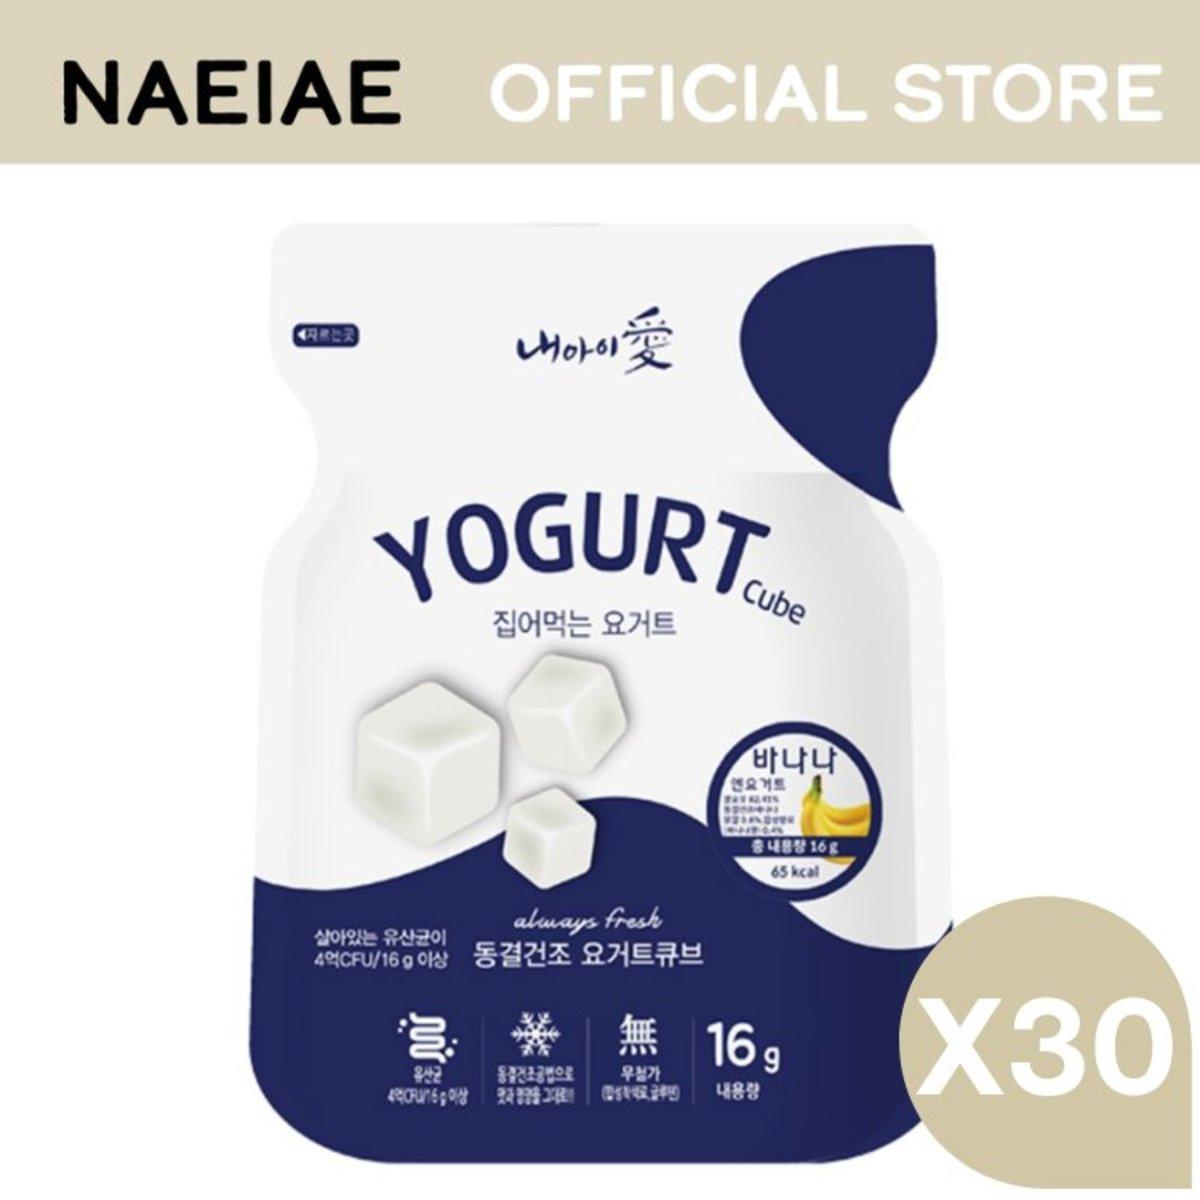 Yogurt cube - Banana X 1CTN(30packs)